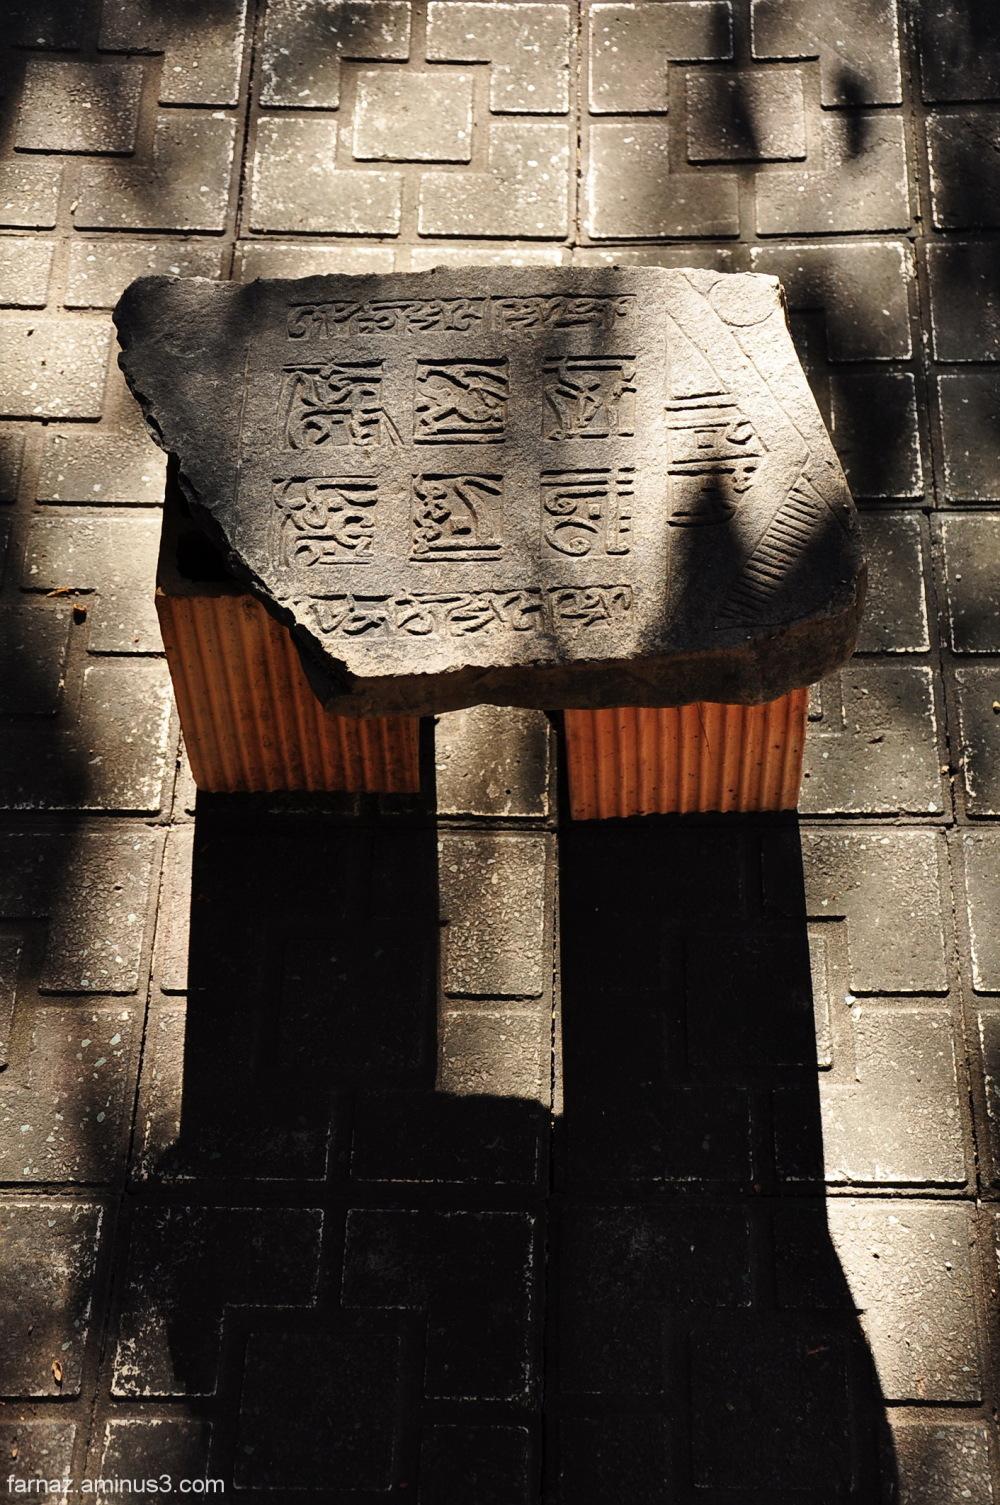 کتیبه / Inscription